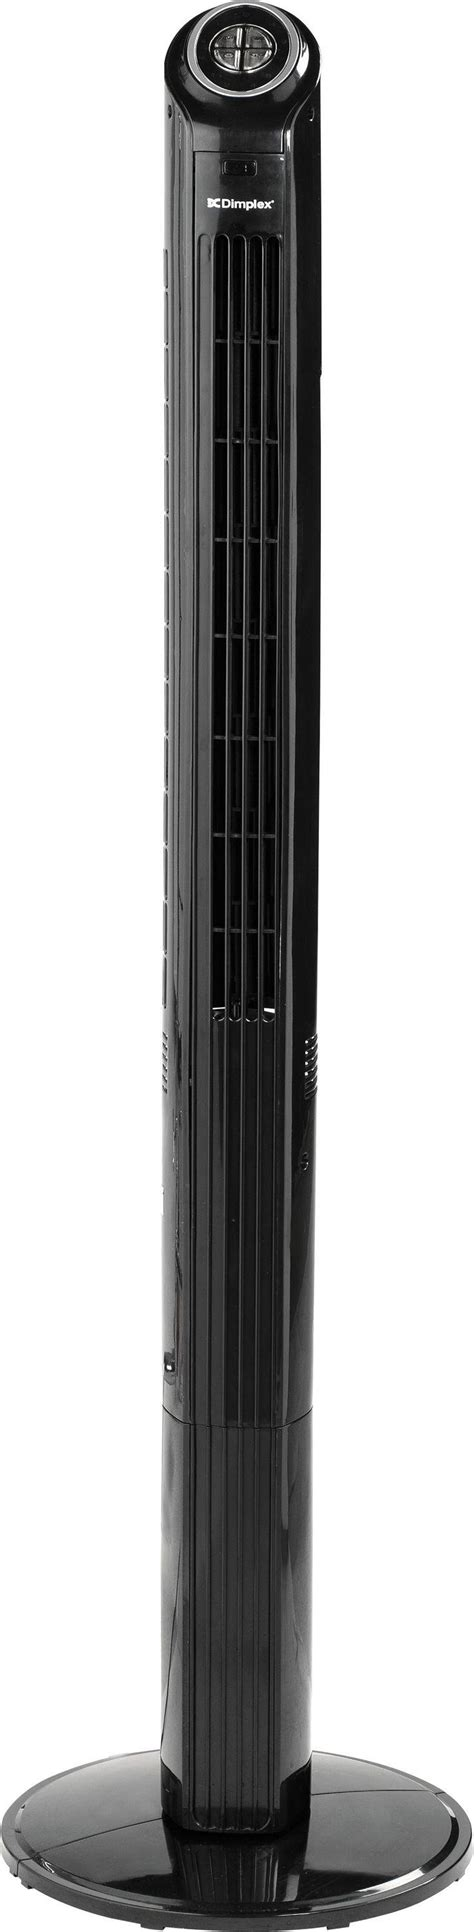 tower fans on sale sale on dimplex dxmbcf black tower fan dimplex now